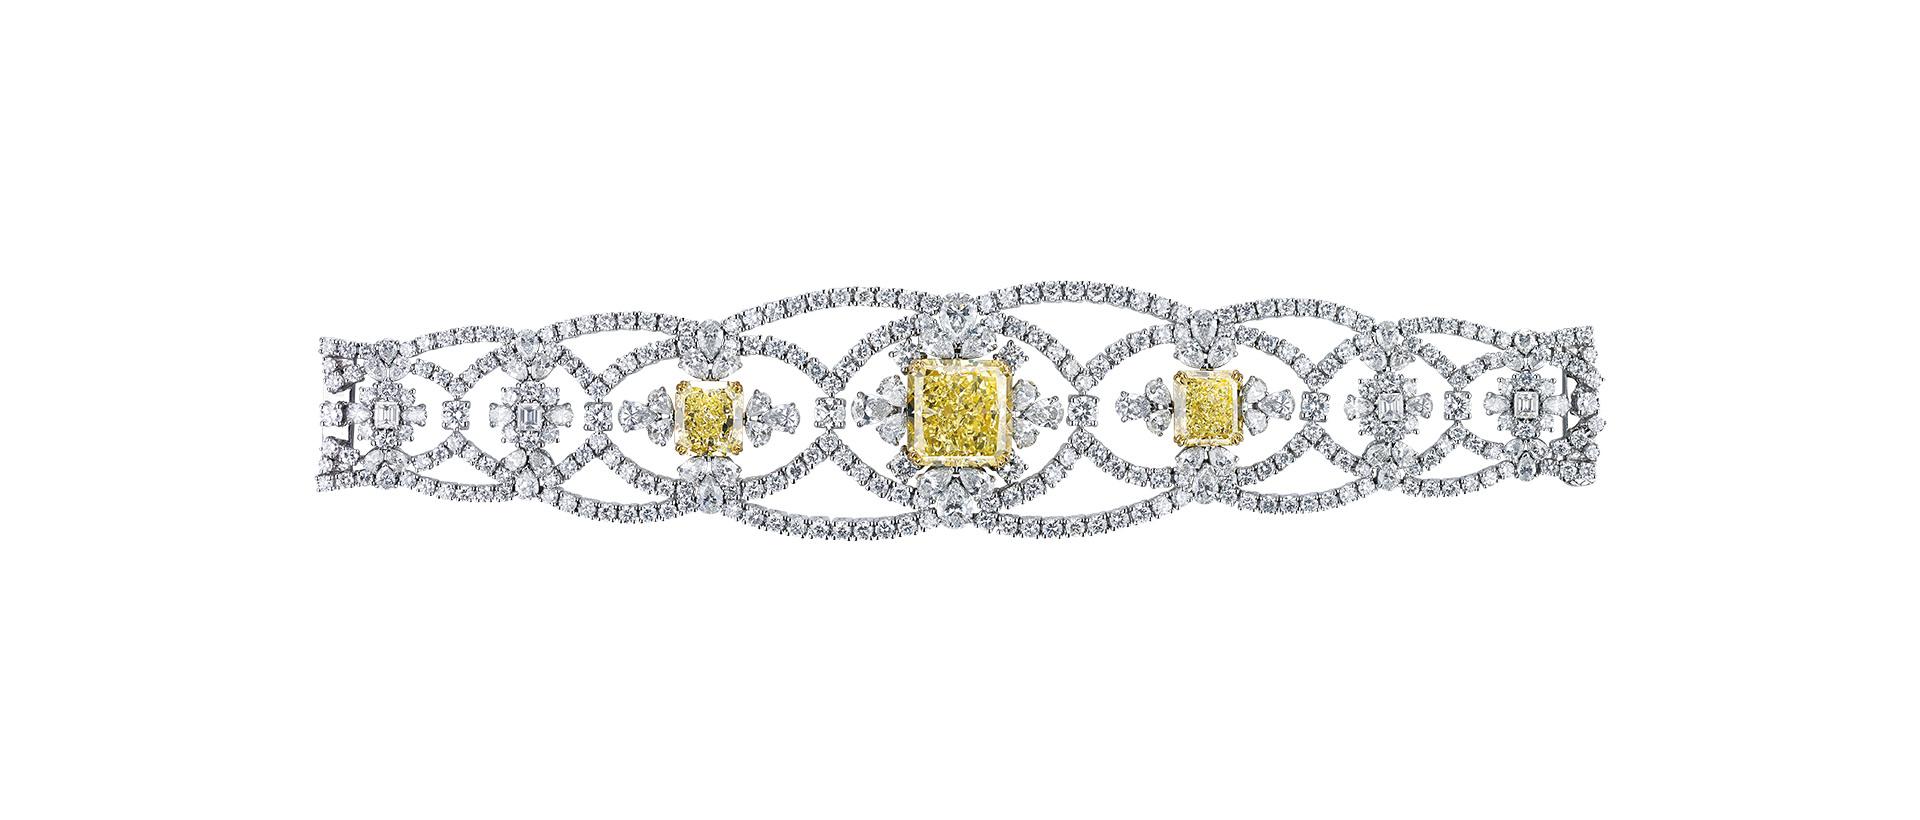 تصميم أخاذ من مجوهرات معوض الماسية لعام 2019